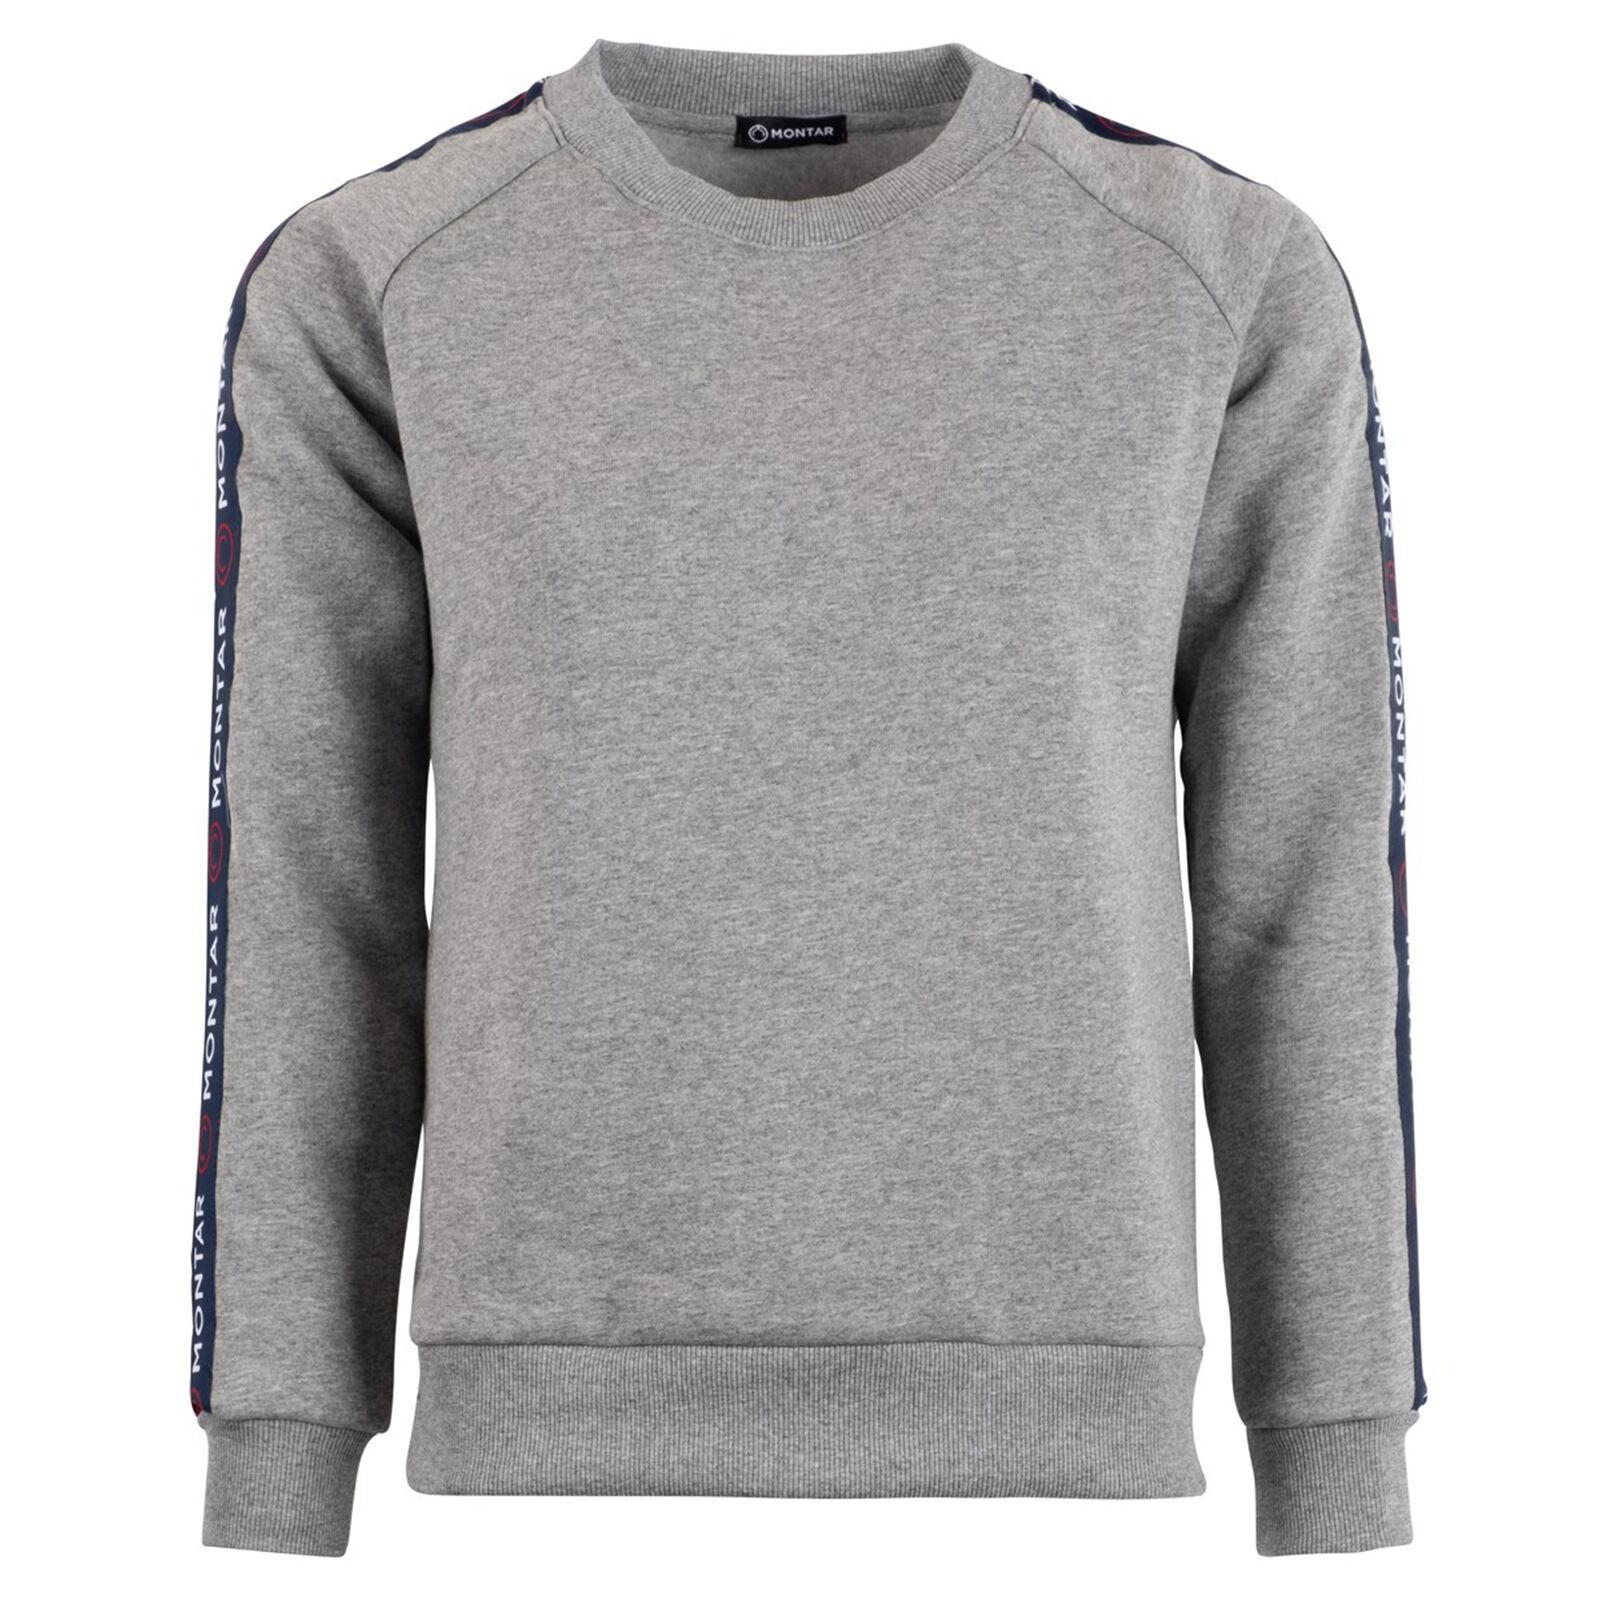 Kjøp Ride gensere til dame på nett til en rimelig penge